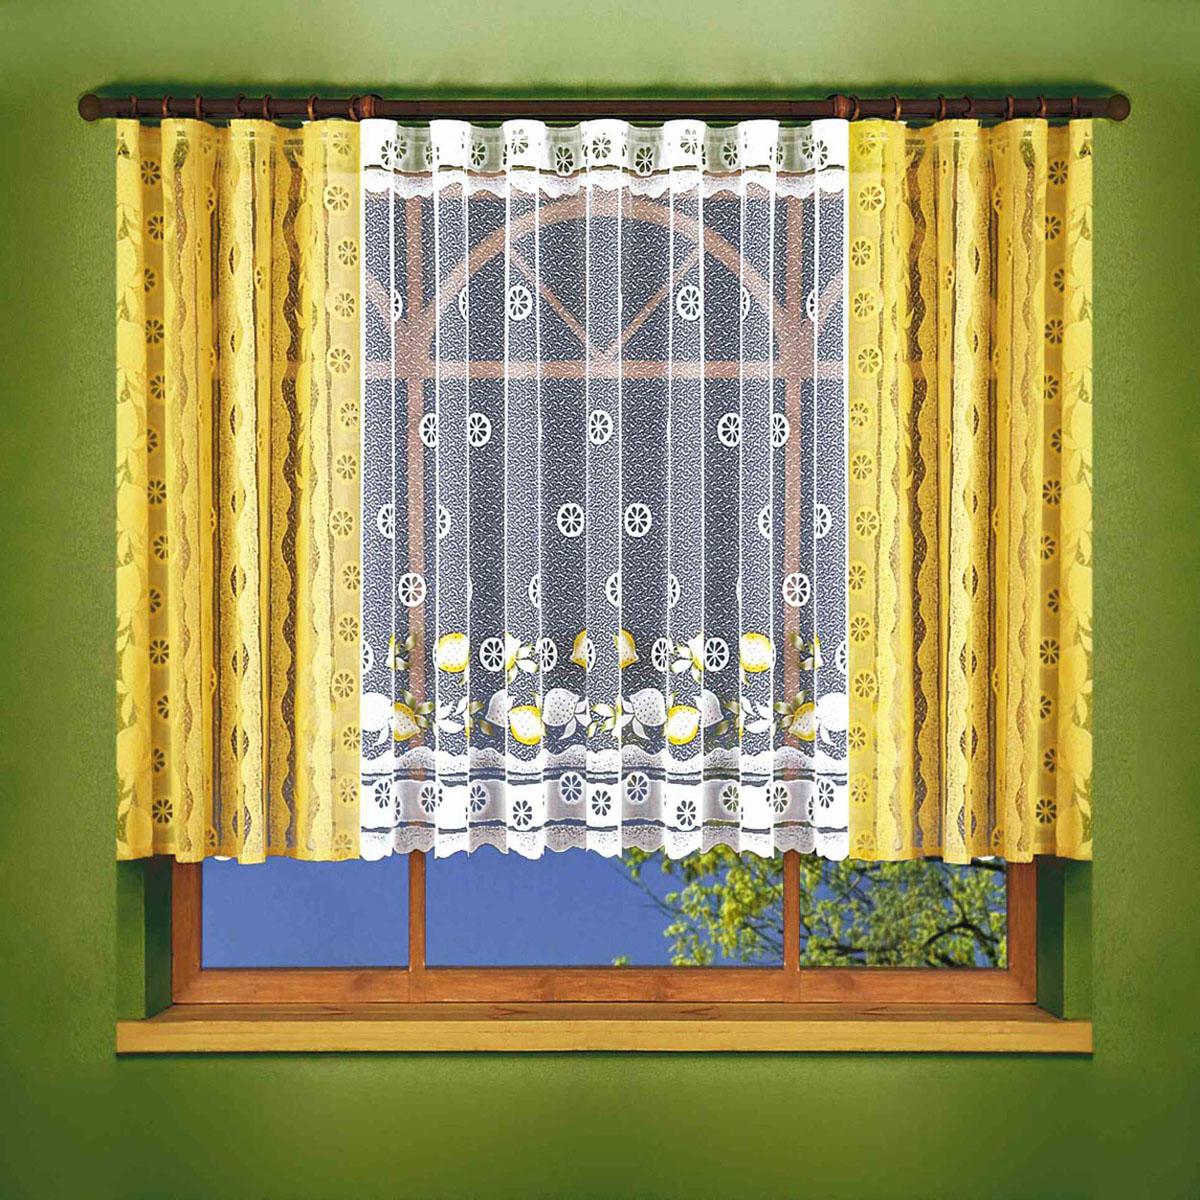 Комплект штор Wisan, цвет: желтый, высота 150 см. 6109GC013/00жаккардовый комплект штор на шторной лентеРазмеры: тюль -шир.400*выс.150+шторы-(шир.150*выс.15)*2